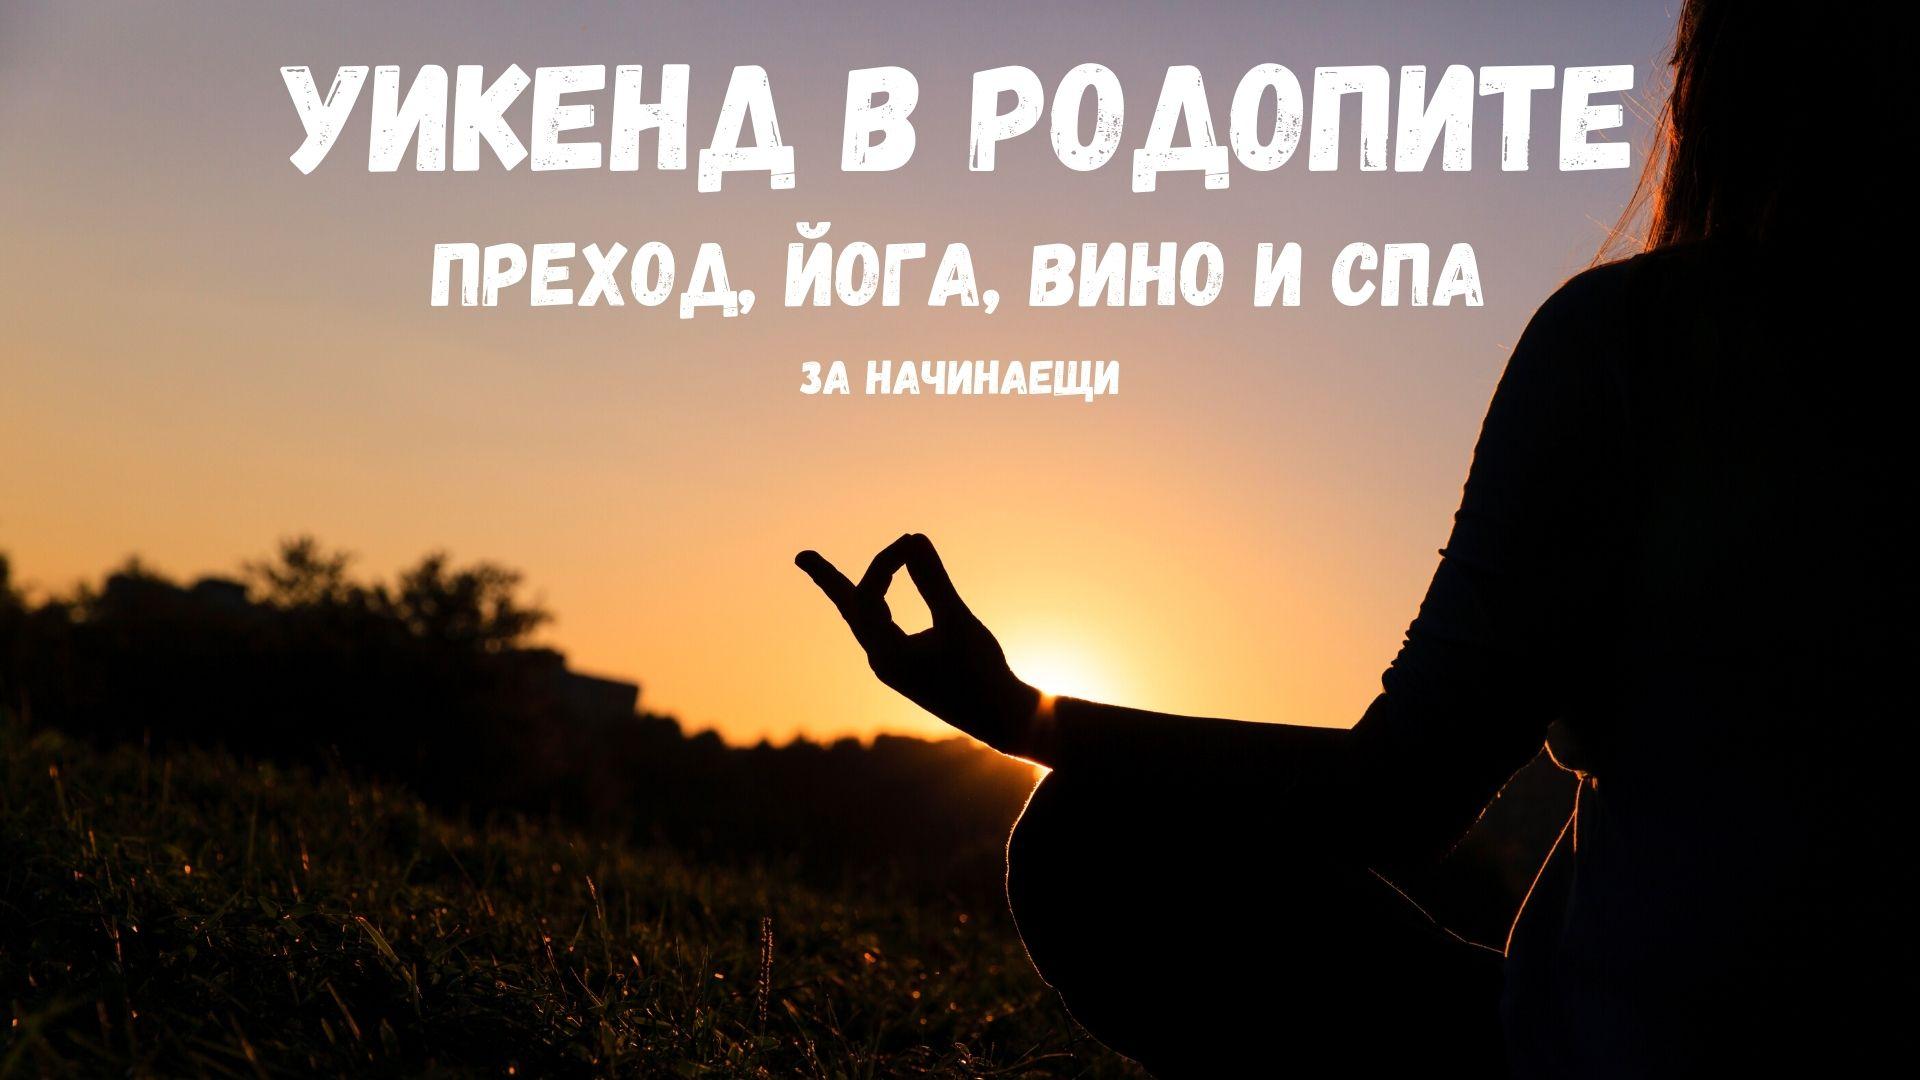 УИКЕНД В РОДОПИТЕ - ЙОГА, ПРЕХОД, ВИНО И СПА